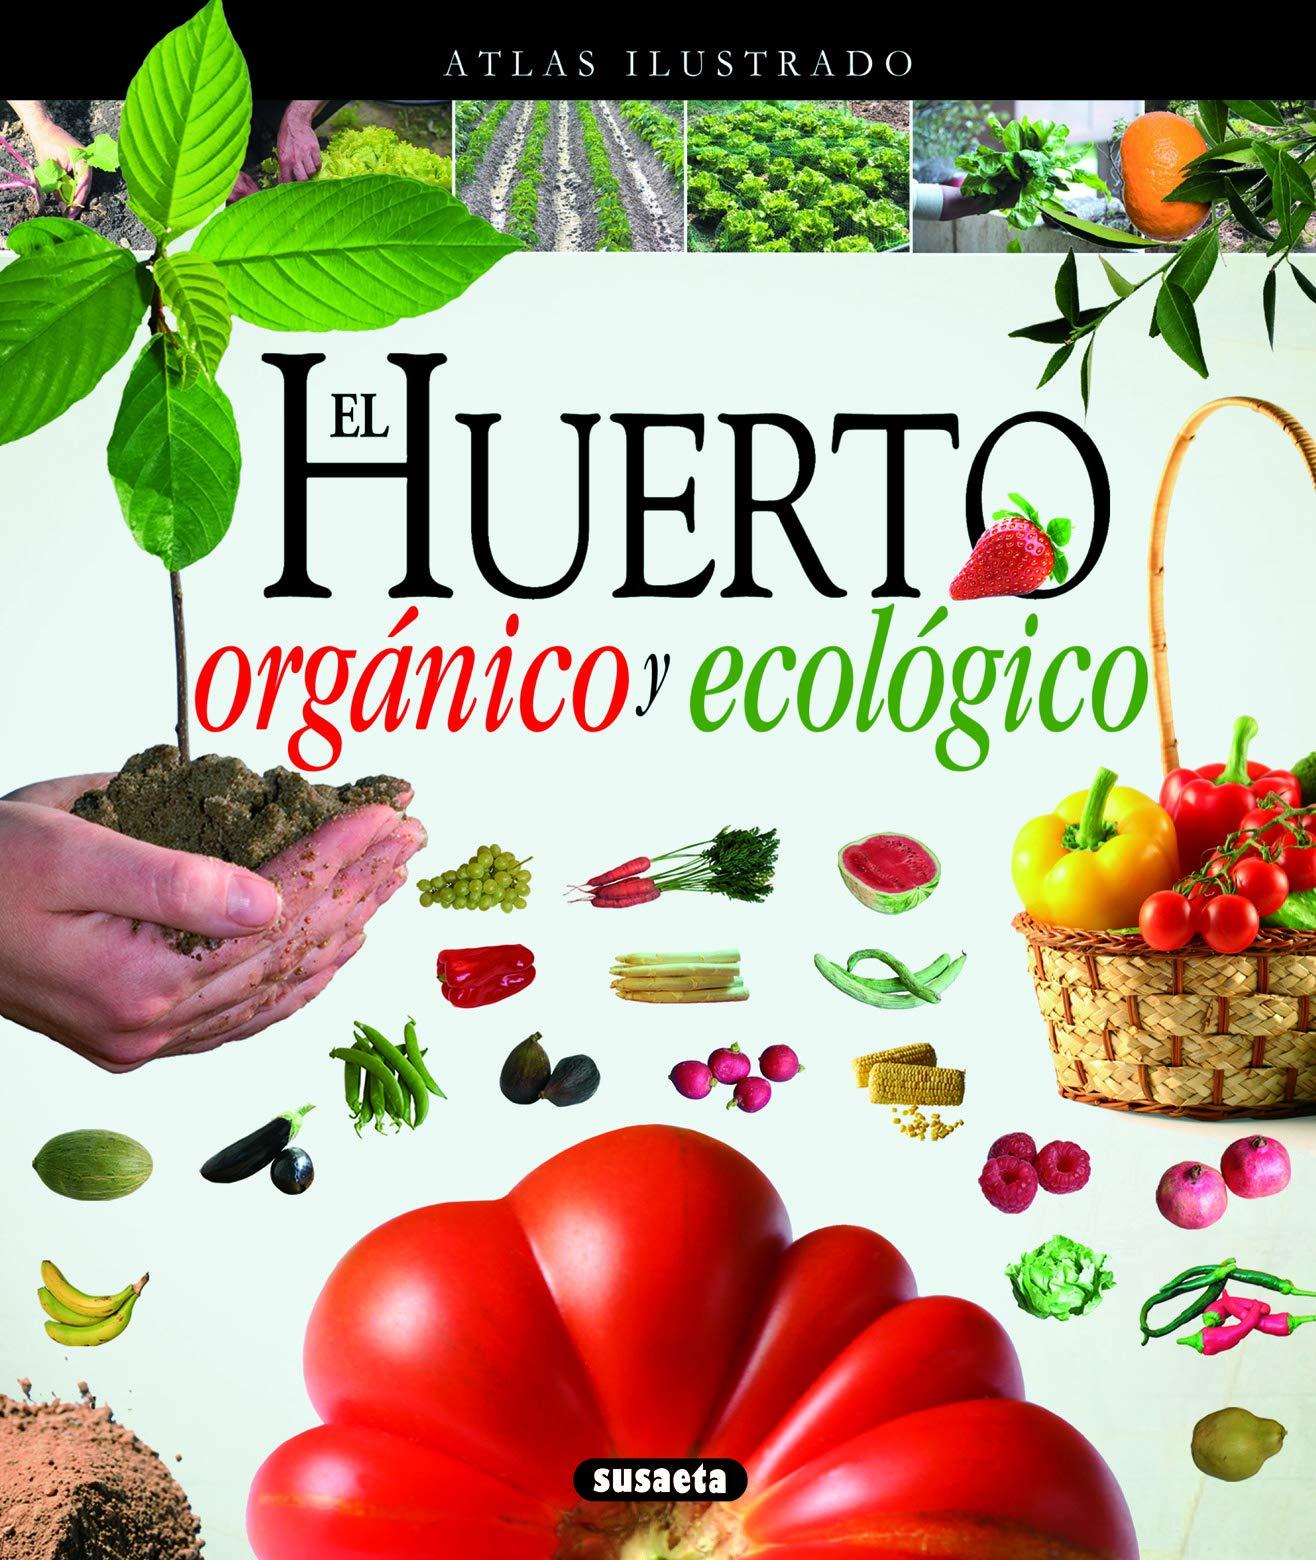 El huerto orgánico y ecológico de Equipo Susaeta